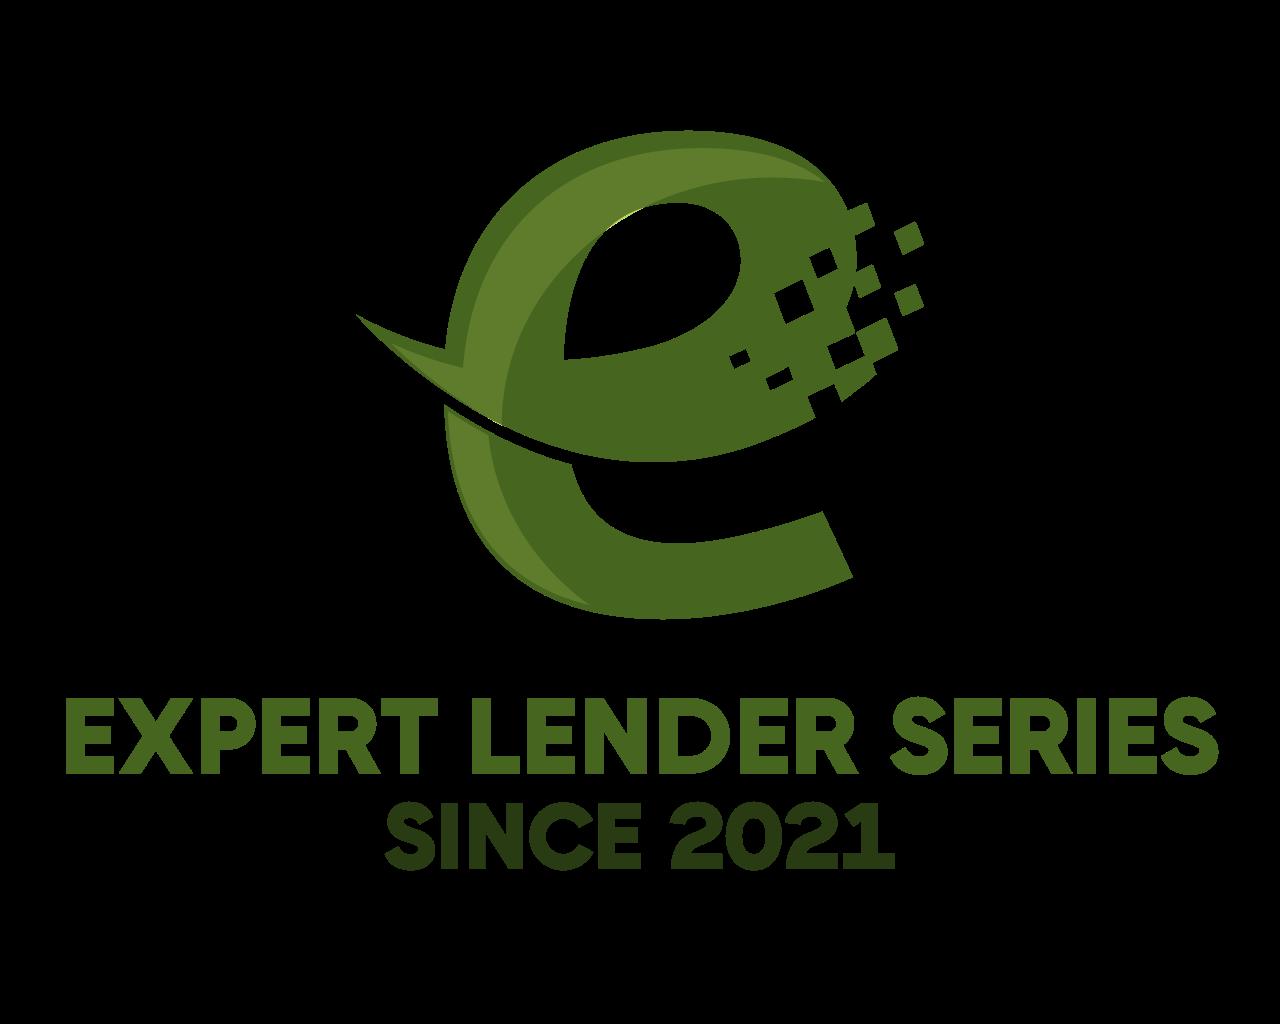 Expert Lender Series